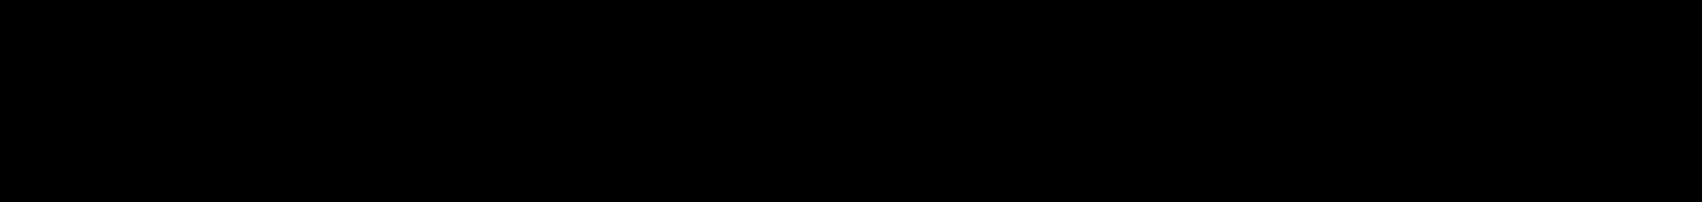 Walburn Black Italic